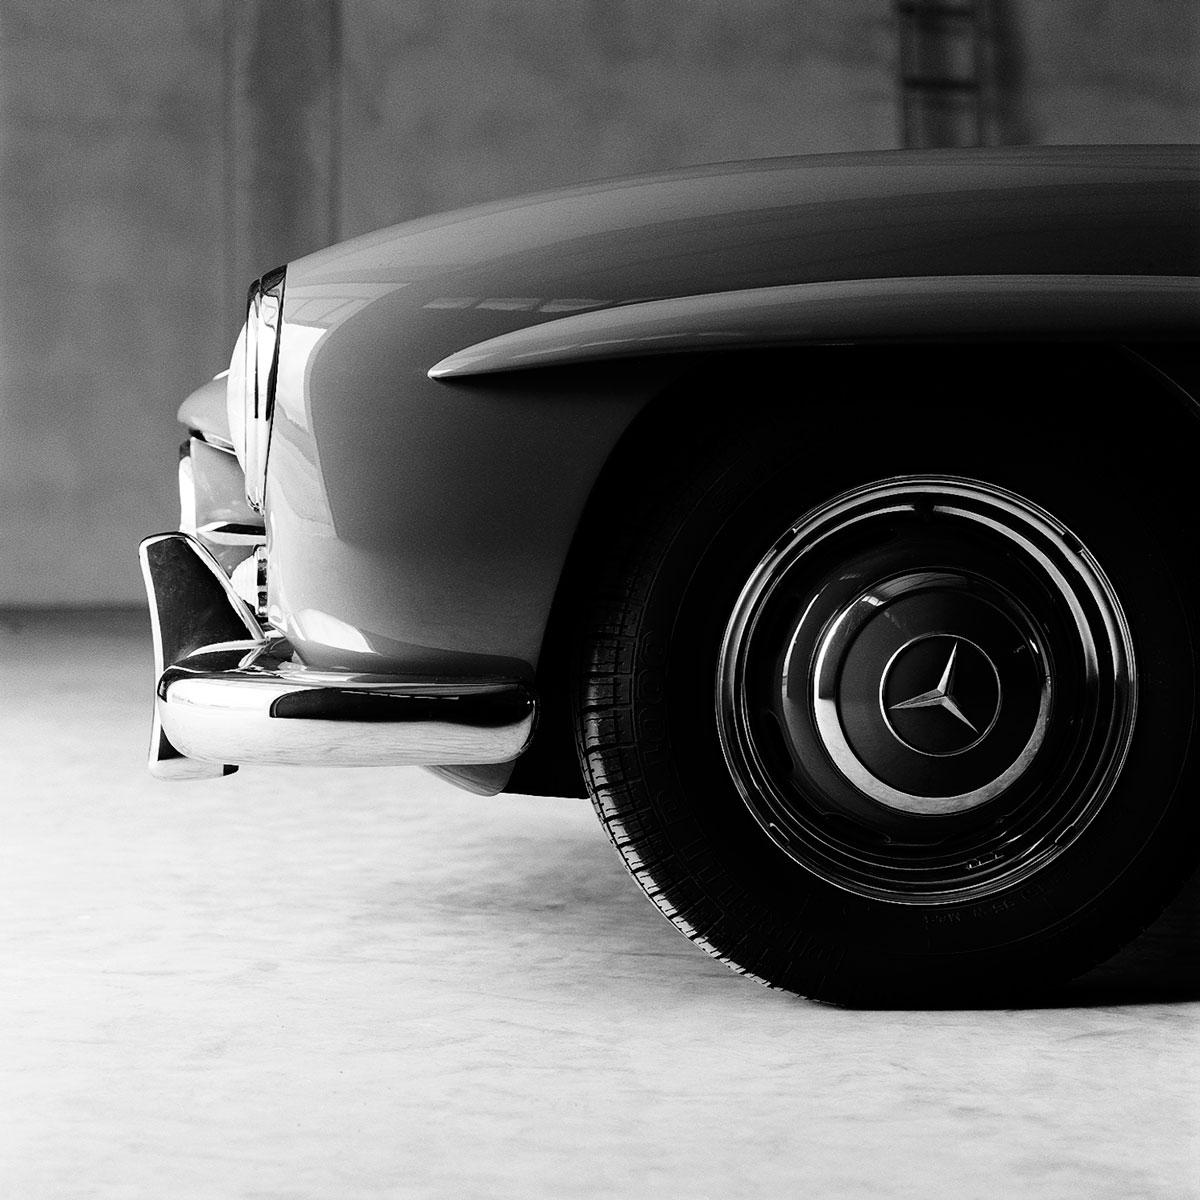 Oldtimer-Fotograf Christoph Vohler